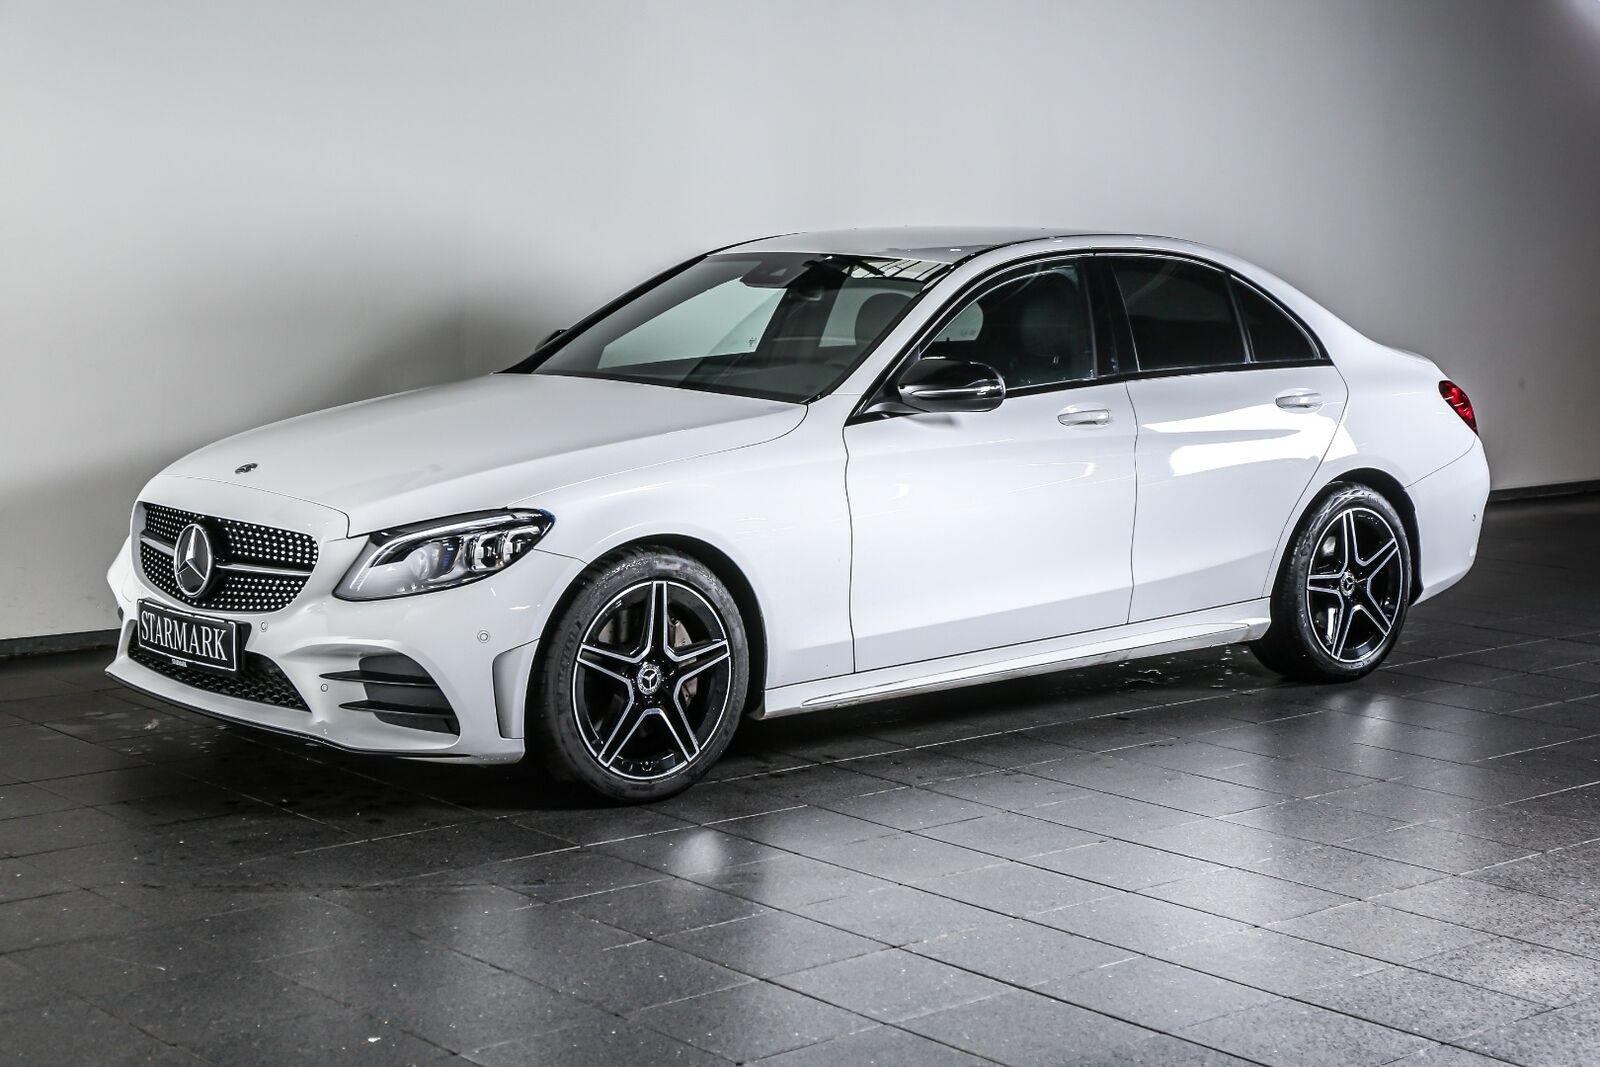 Mercedes C300 2,0 AMG Line aut. 4d - 539.900 kr.